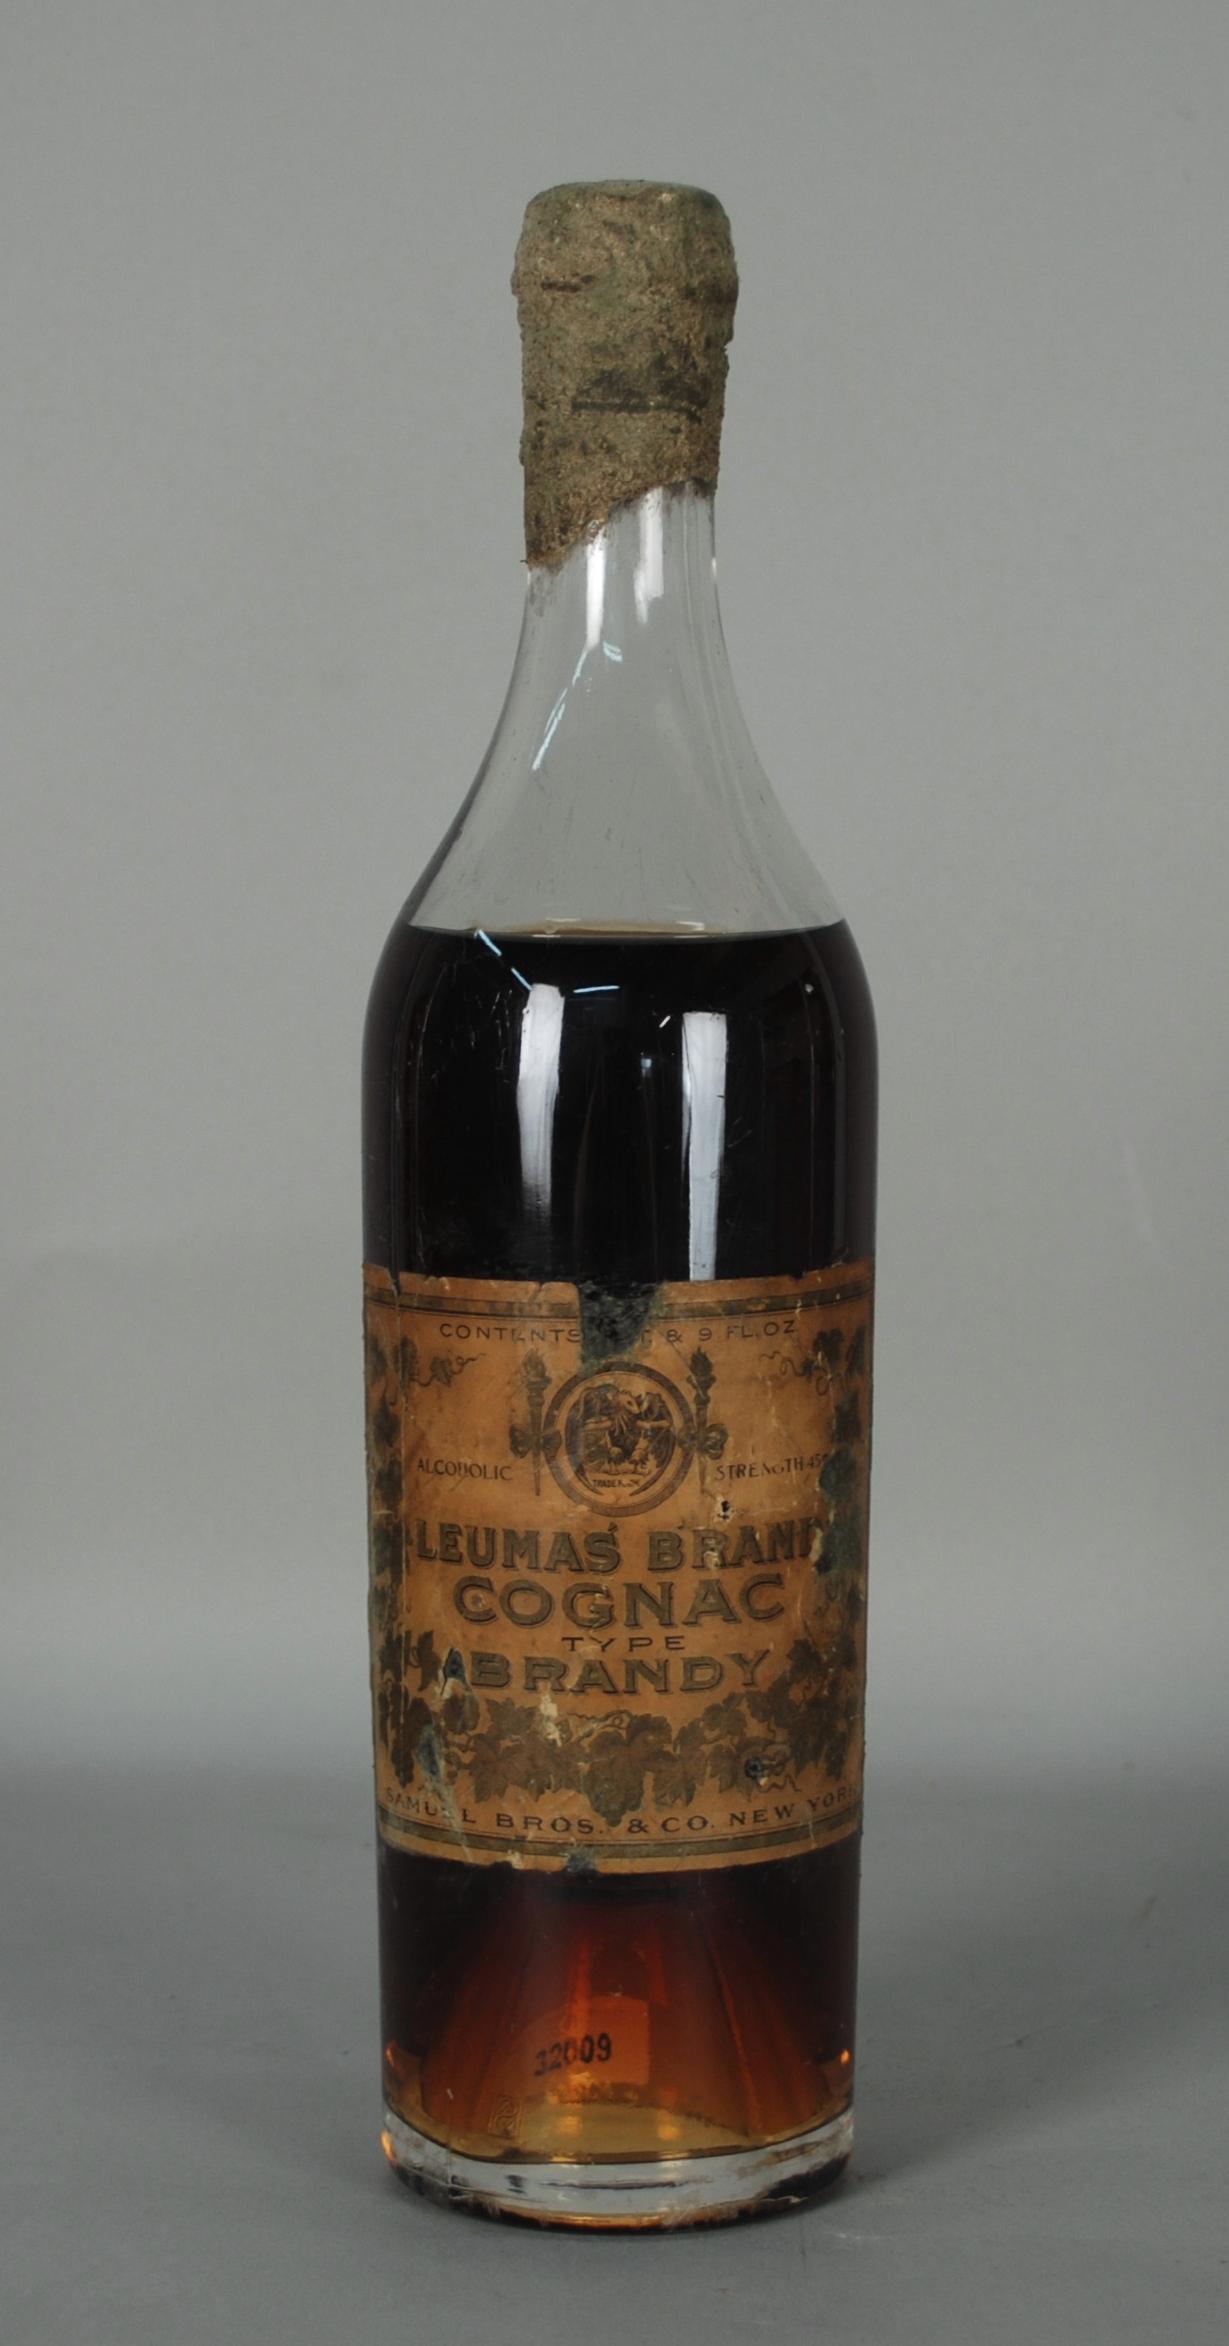 Lot 46 - Cognac LEUMAS BRANDY. Fine XIX-inizi XX secolo. Tappo sigillato in ceralacca. Importazione